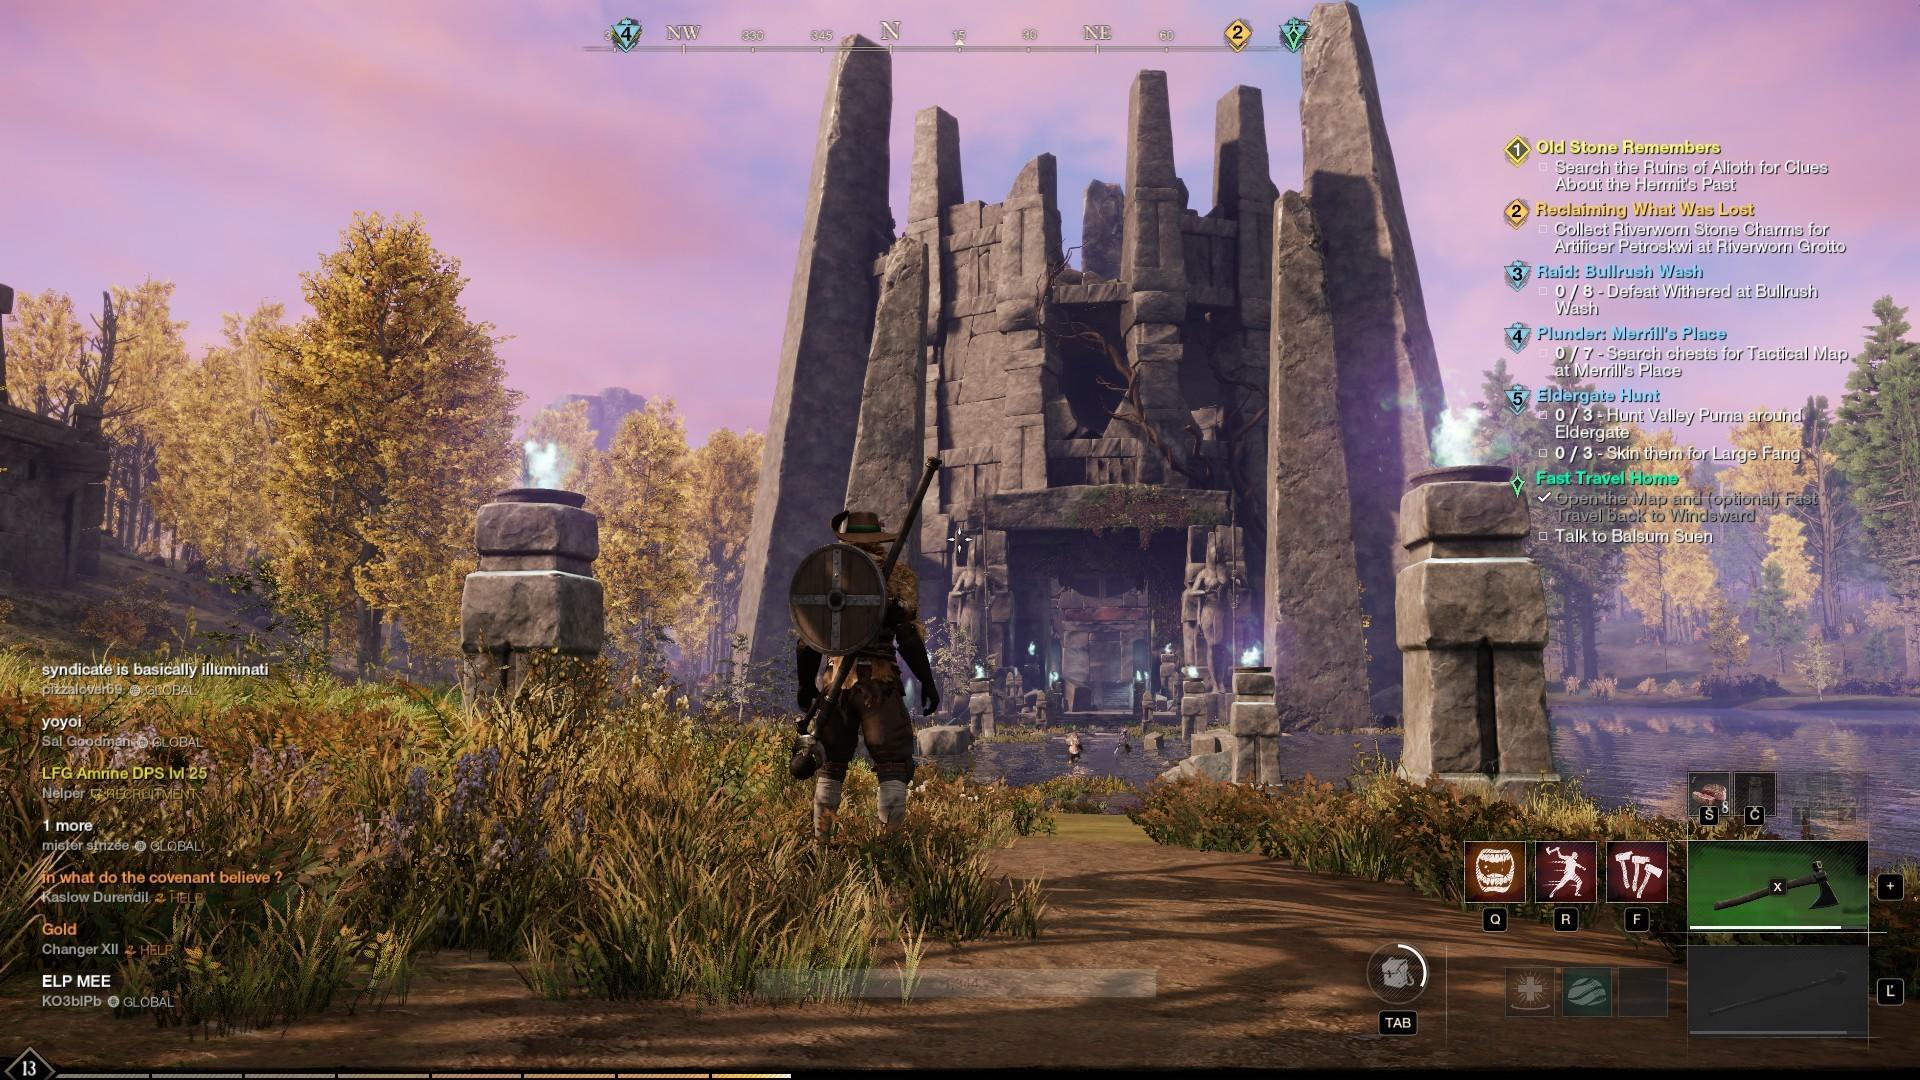 Okrem PvP bojov tu môžeme nájsť aj rôzne jaskyne, hrobky či ruiny plné nebezpečenstiev a pokladov.